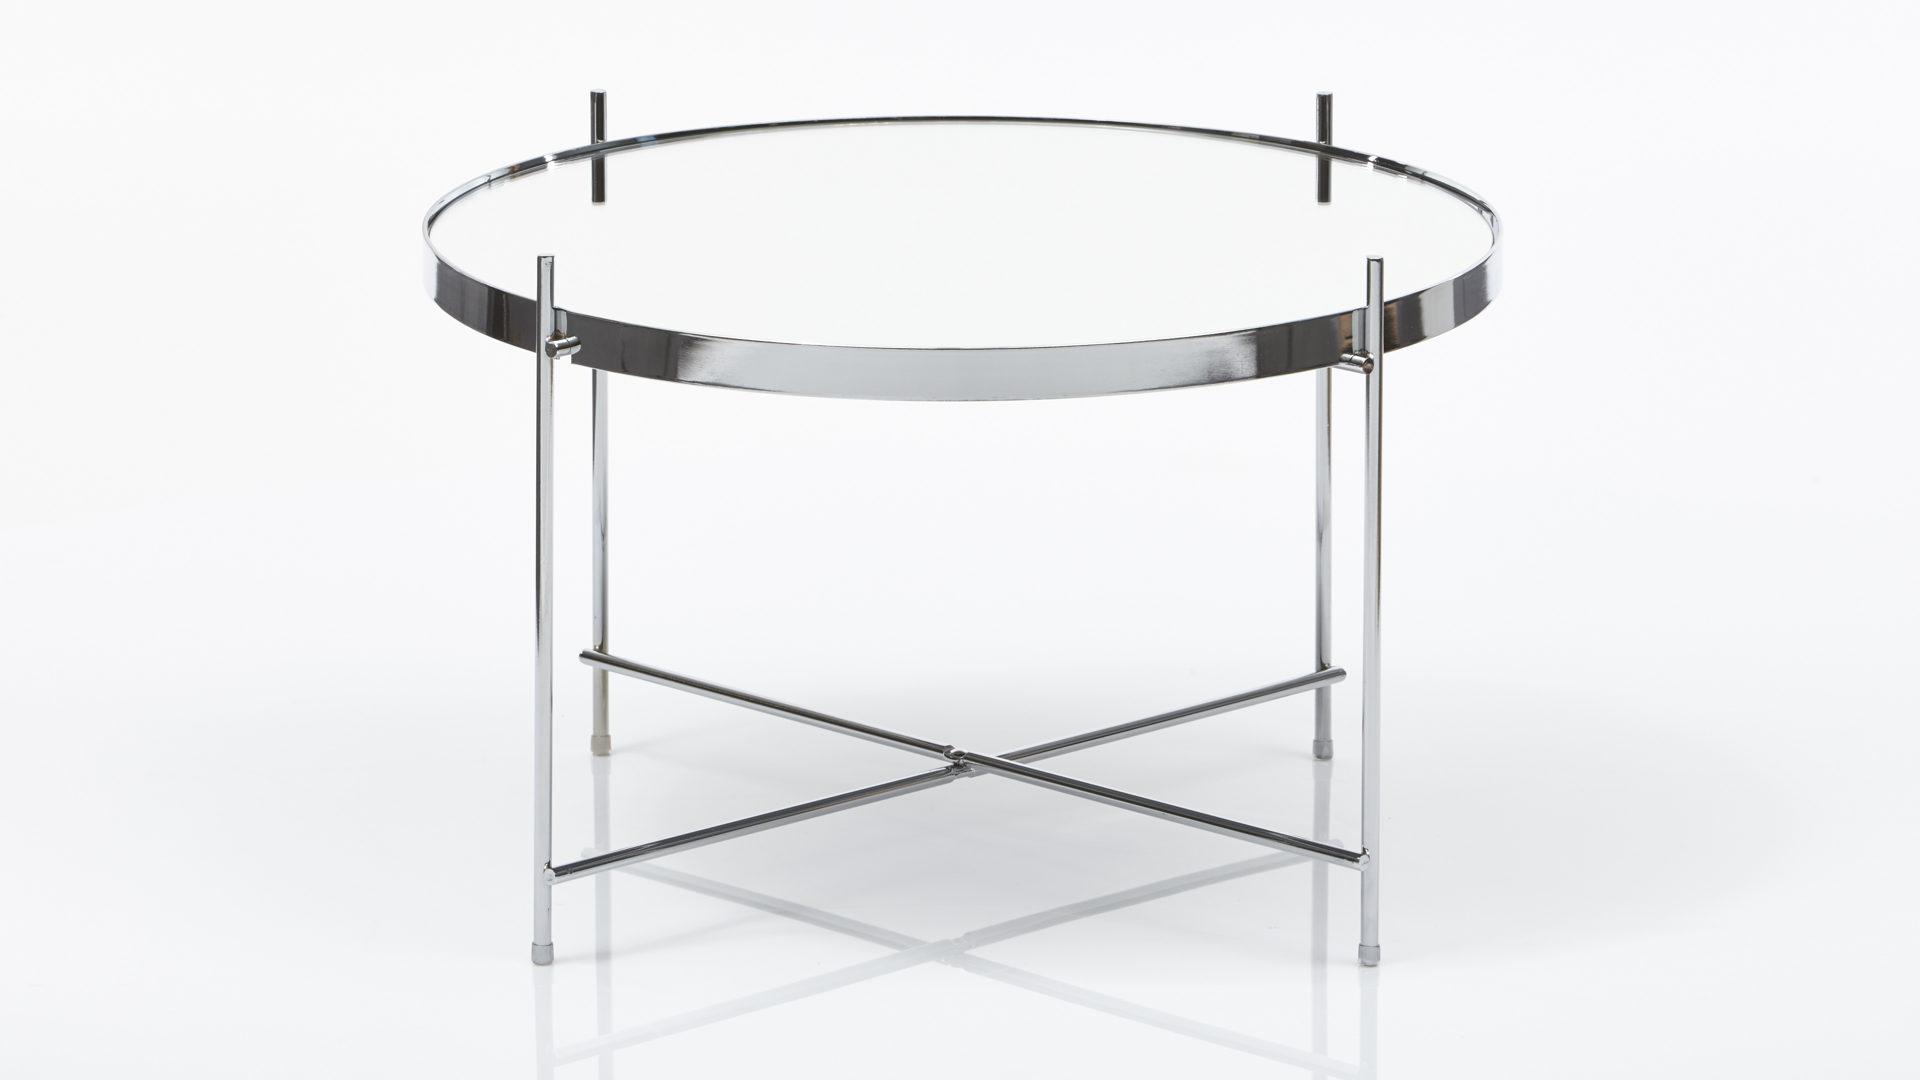 Beistelltisch glas chrom  Möbel Busch | Räume | Wohnzimmer | Couchtische + Beistelltische ...